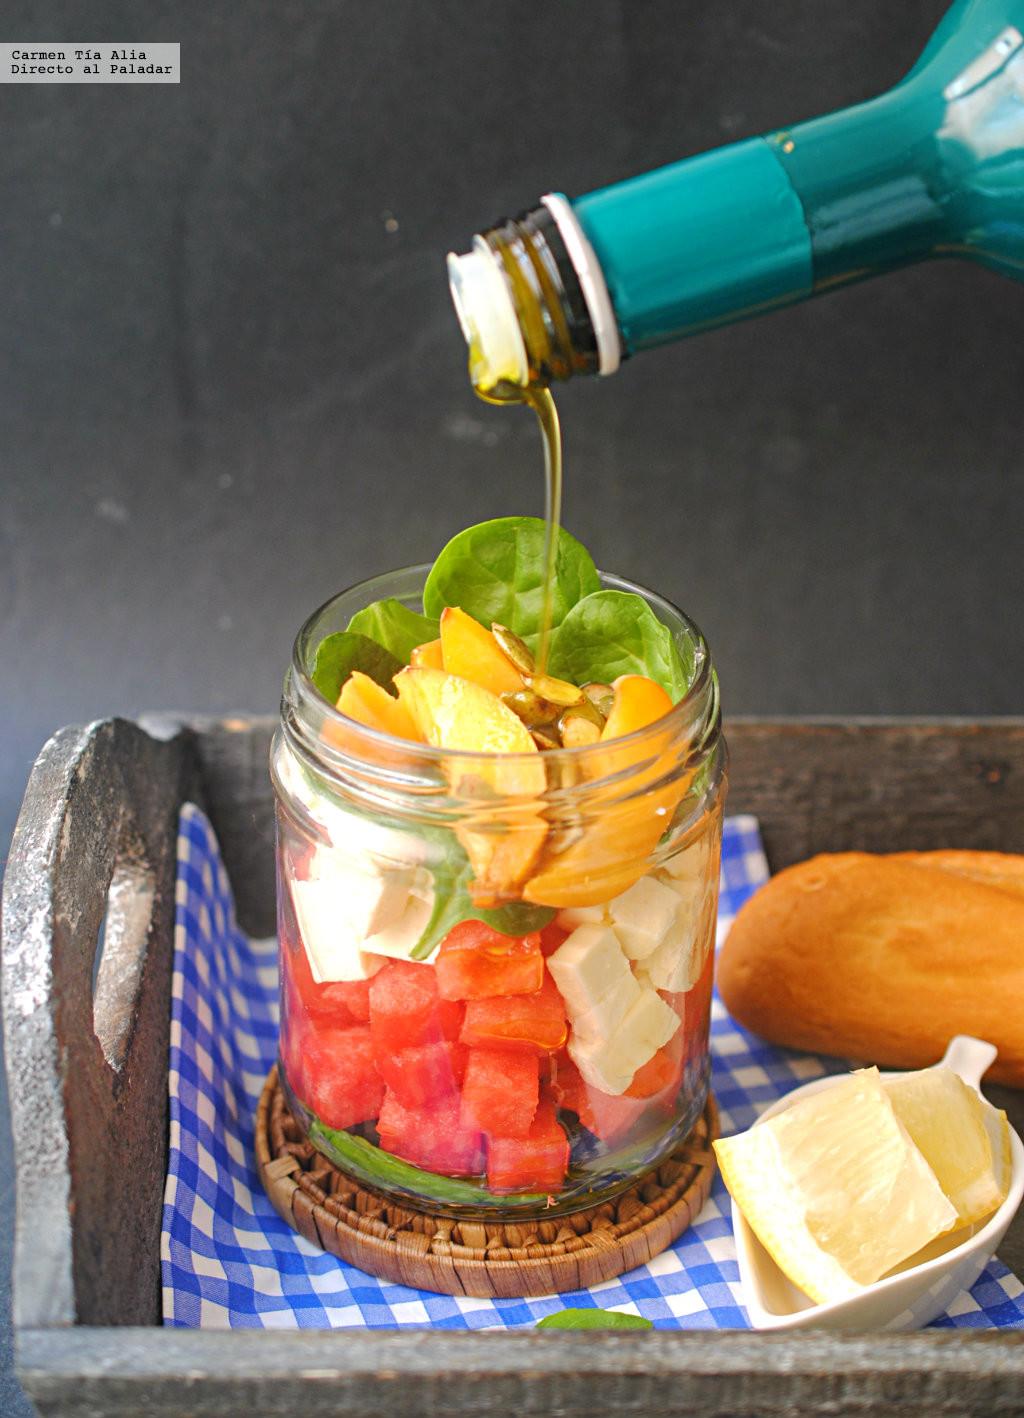 Ensalada de espinacas y queso feta con frutas de temporada: receta fácil y rápida